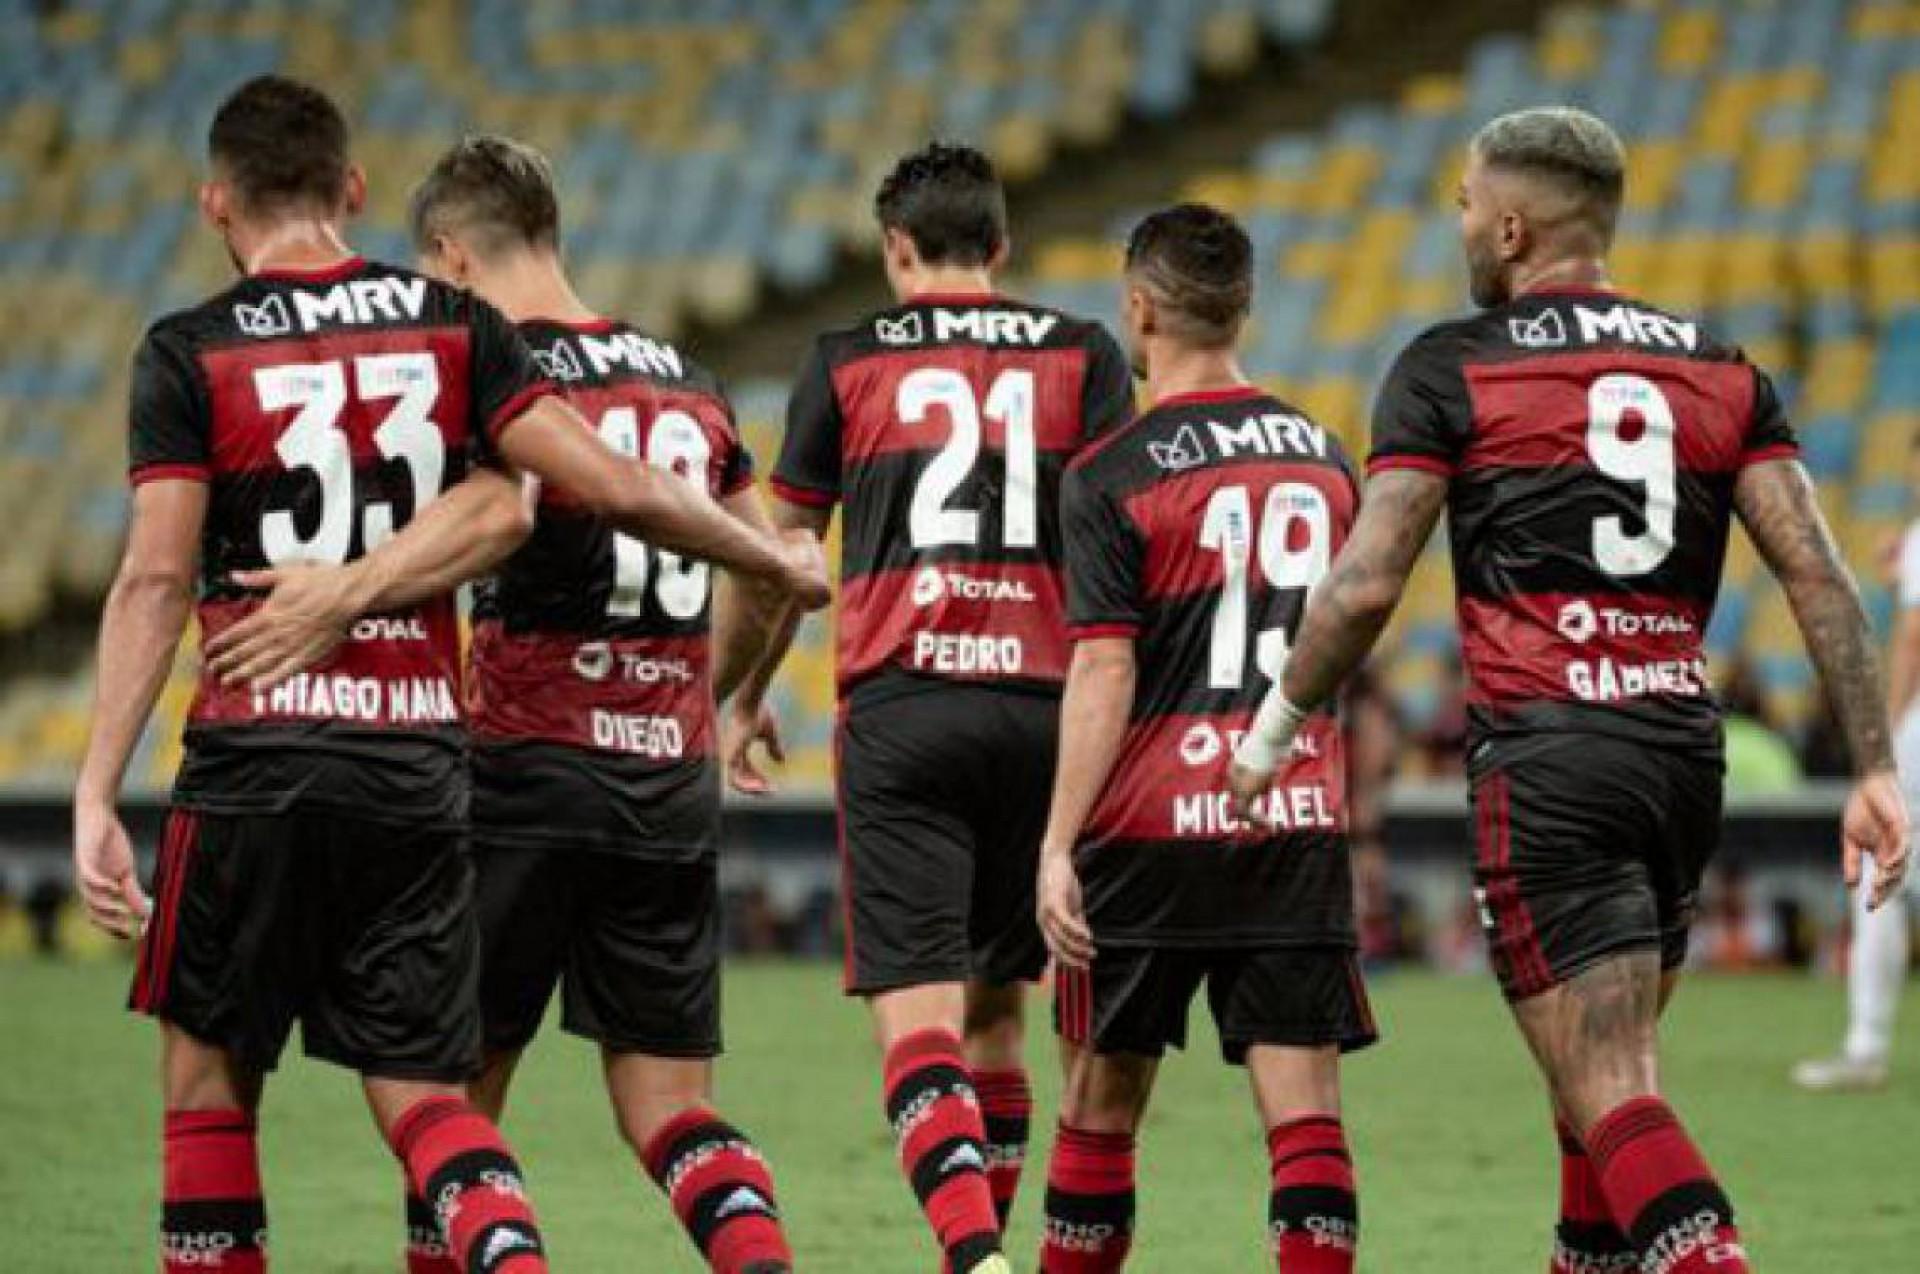 Independiente Del Valle X Flamengo Na Libertadores Onde Assistir A Transmissao Ao Vivo Do Jogo De Hoje Futebol Esportes O Povo